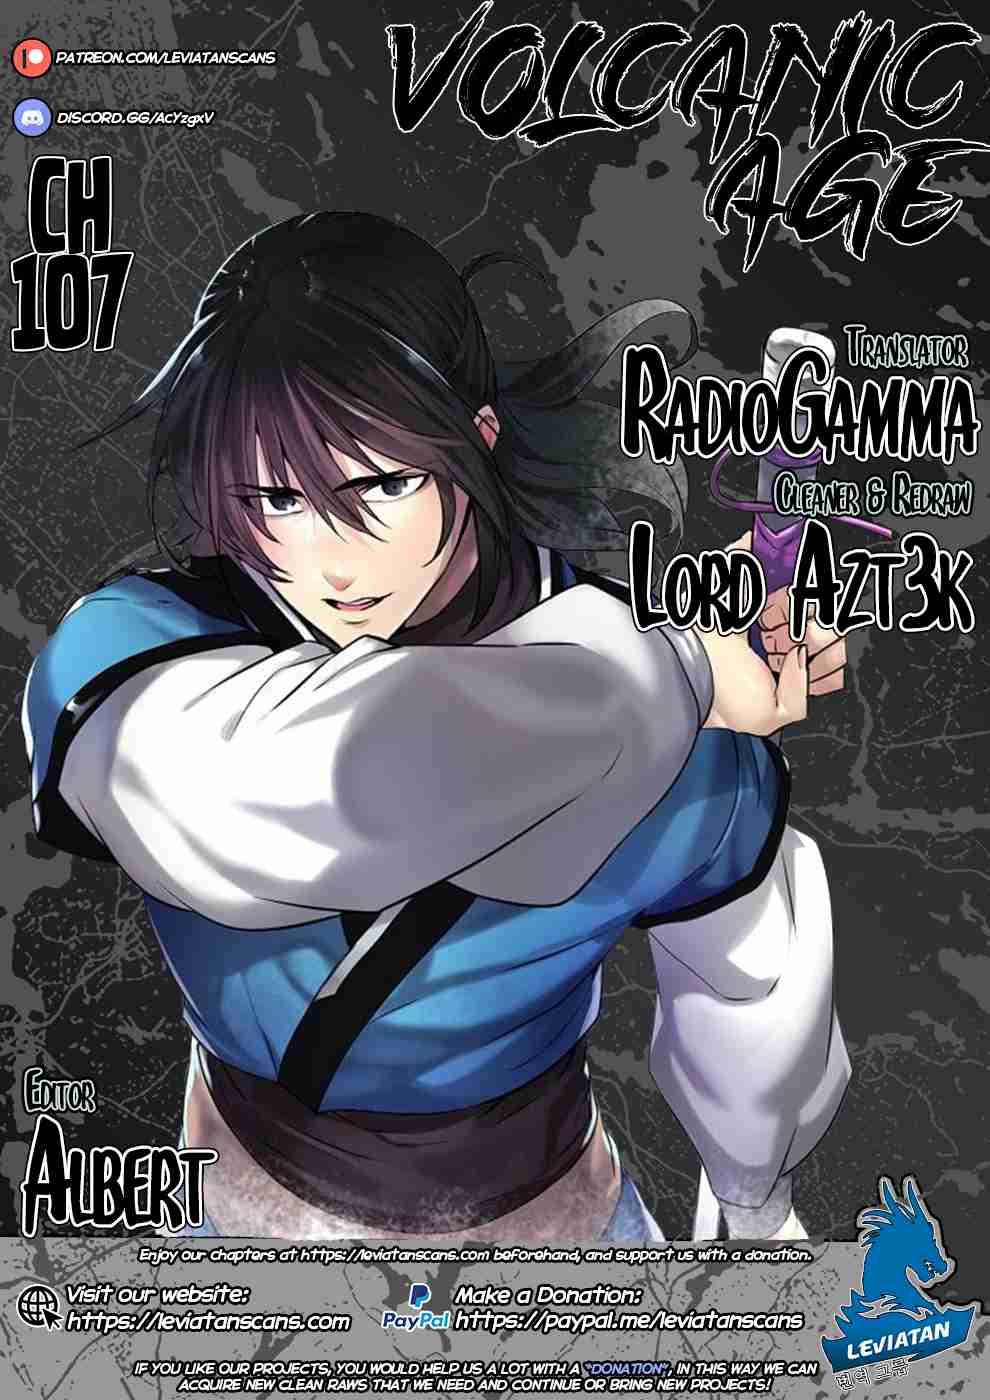 https://manga.mangadogs.com/comics/pic2/2/20226/919598/85cd9809151b311c685be8bc4718b0f3.jpg Page 1